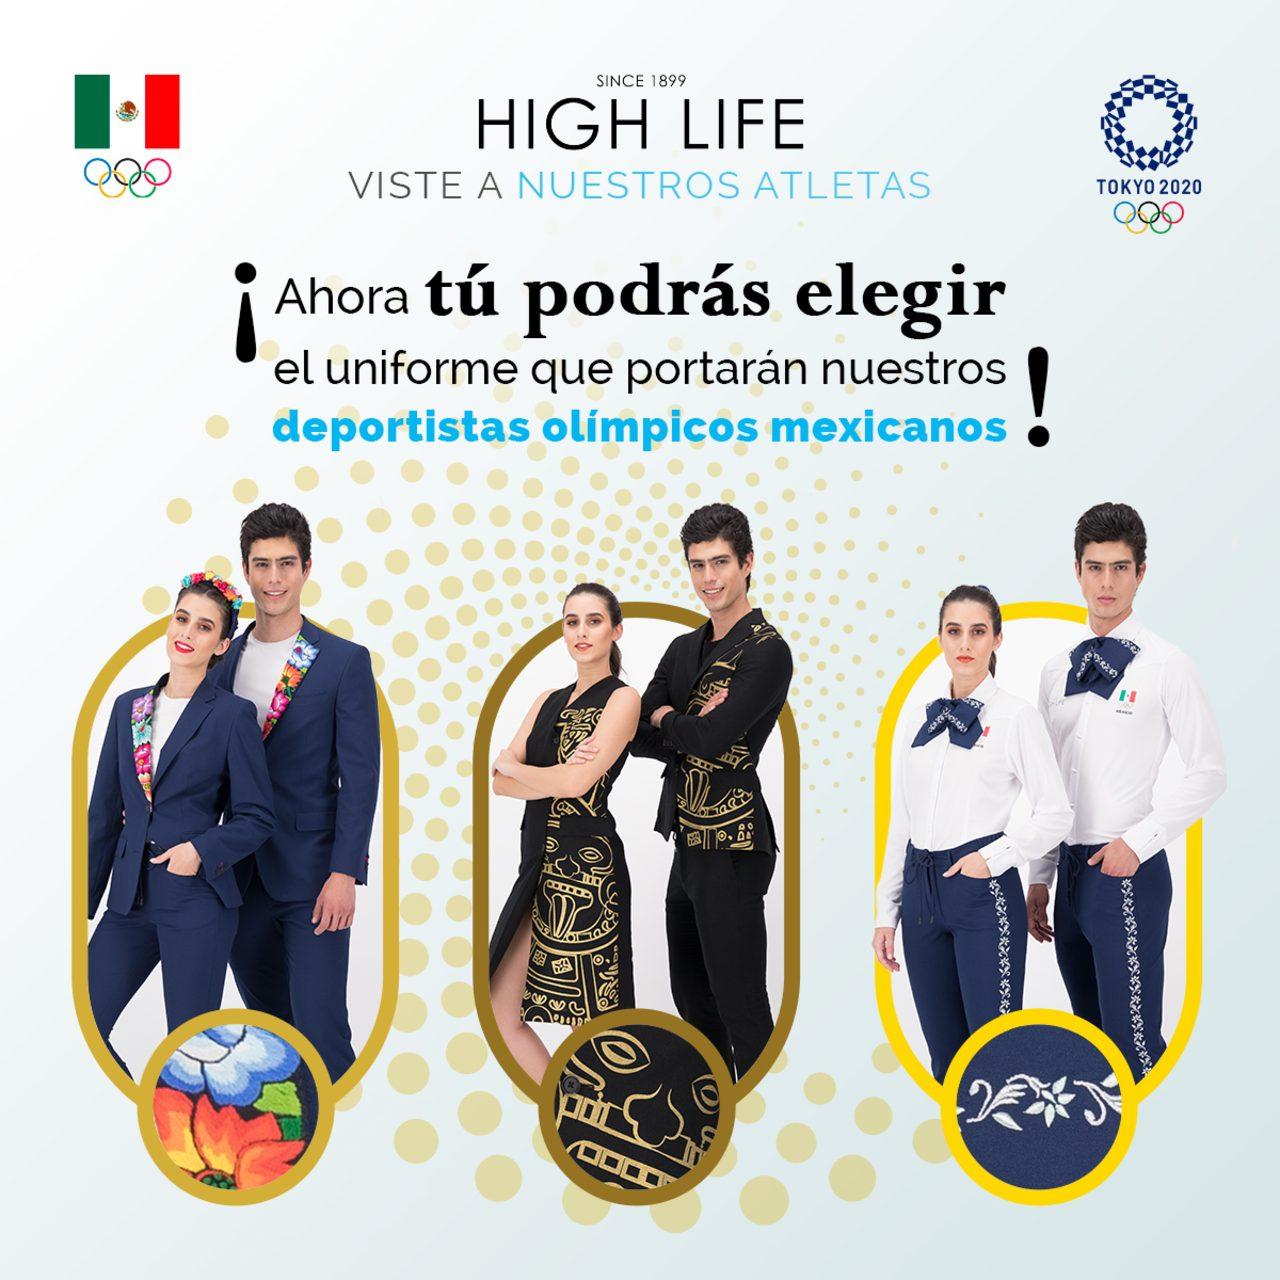 COM uniformes atletas mexicanos votación Tokio 2020